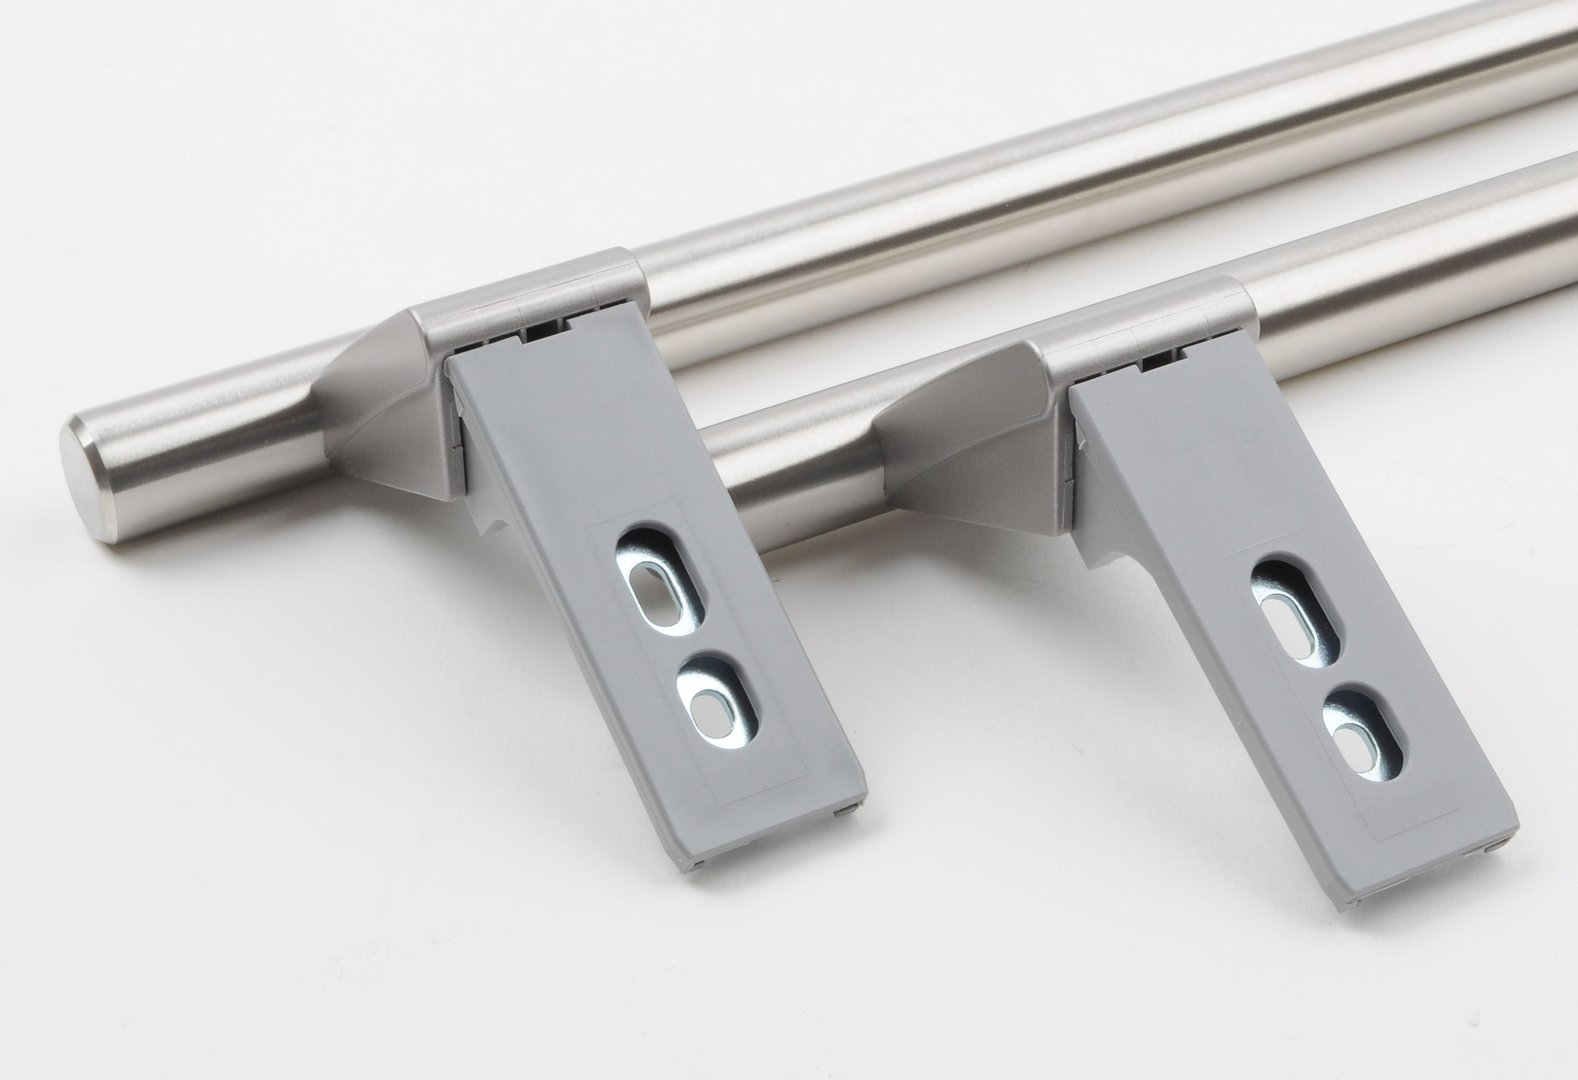 Kühlschrank Verriegeln Set : Liebherr türgriff kühlschrank er set hebelgriff stange